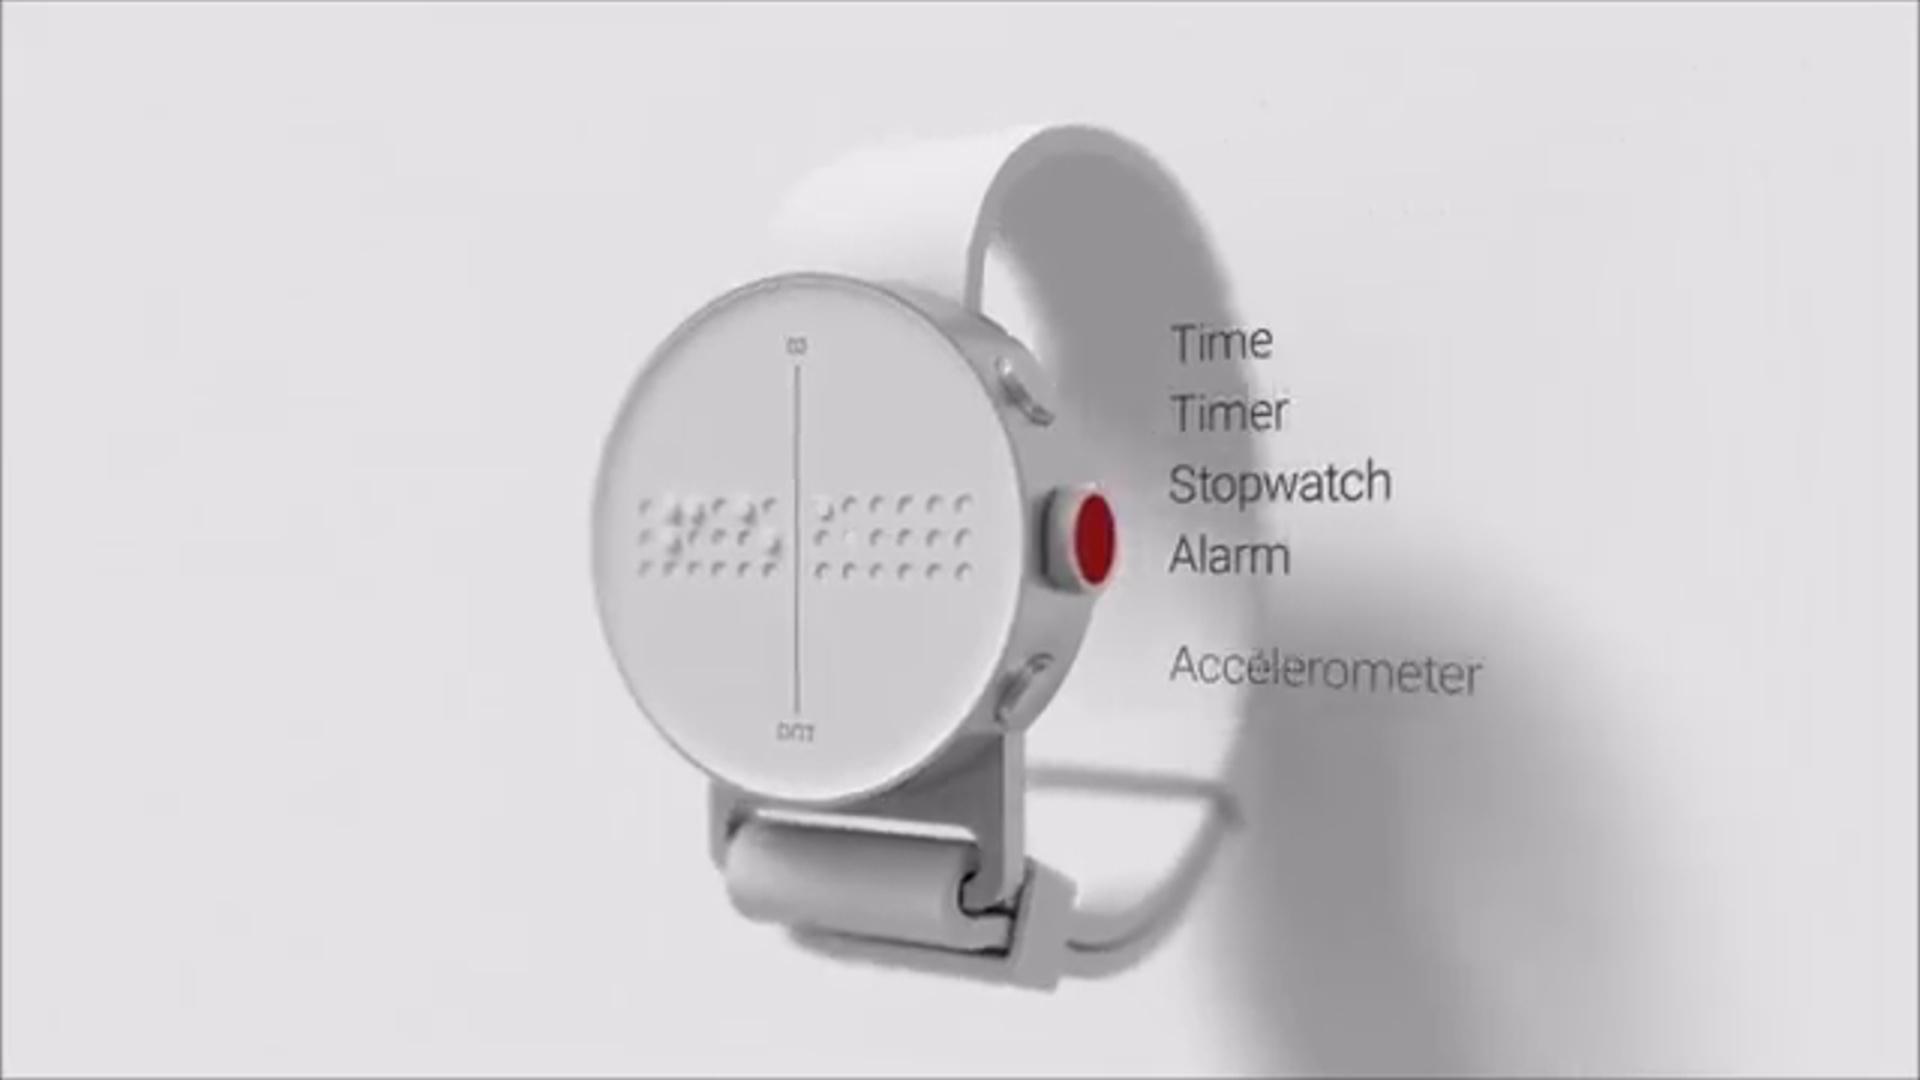 Cənubi Koreya alimləri görmə qüsurlu insanlar üçün saat istehsal etdi